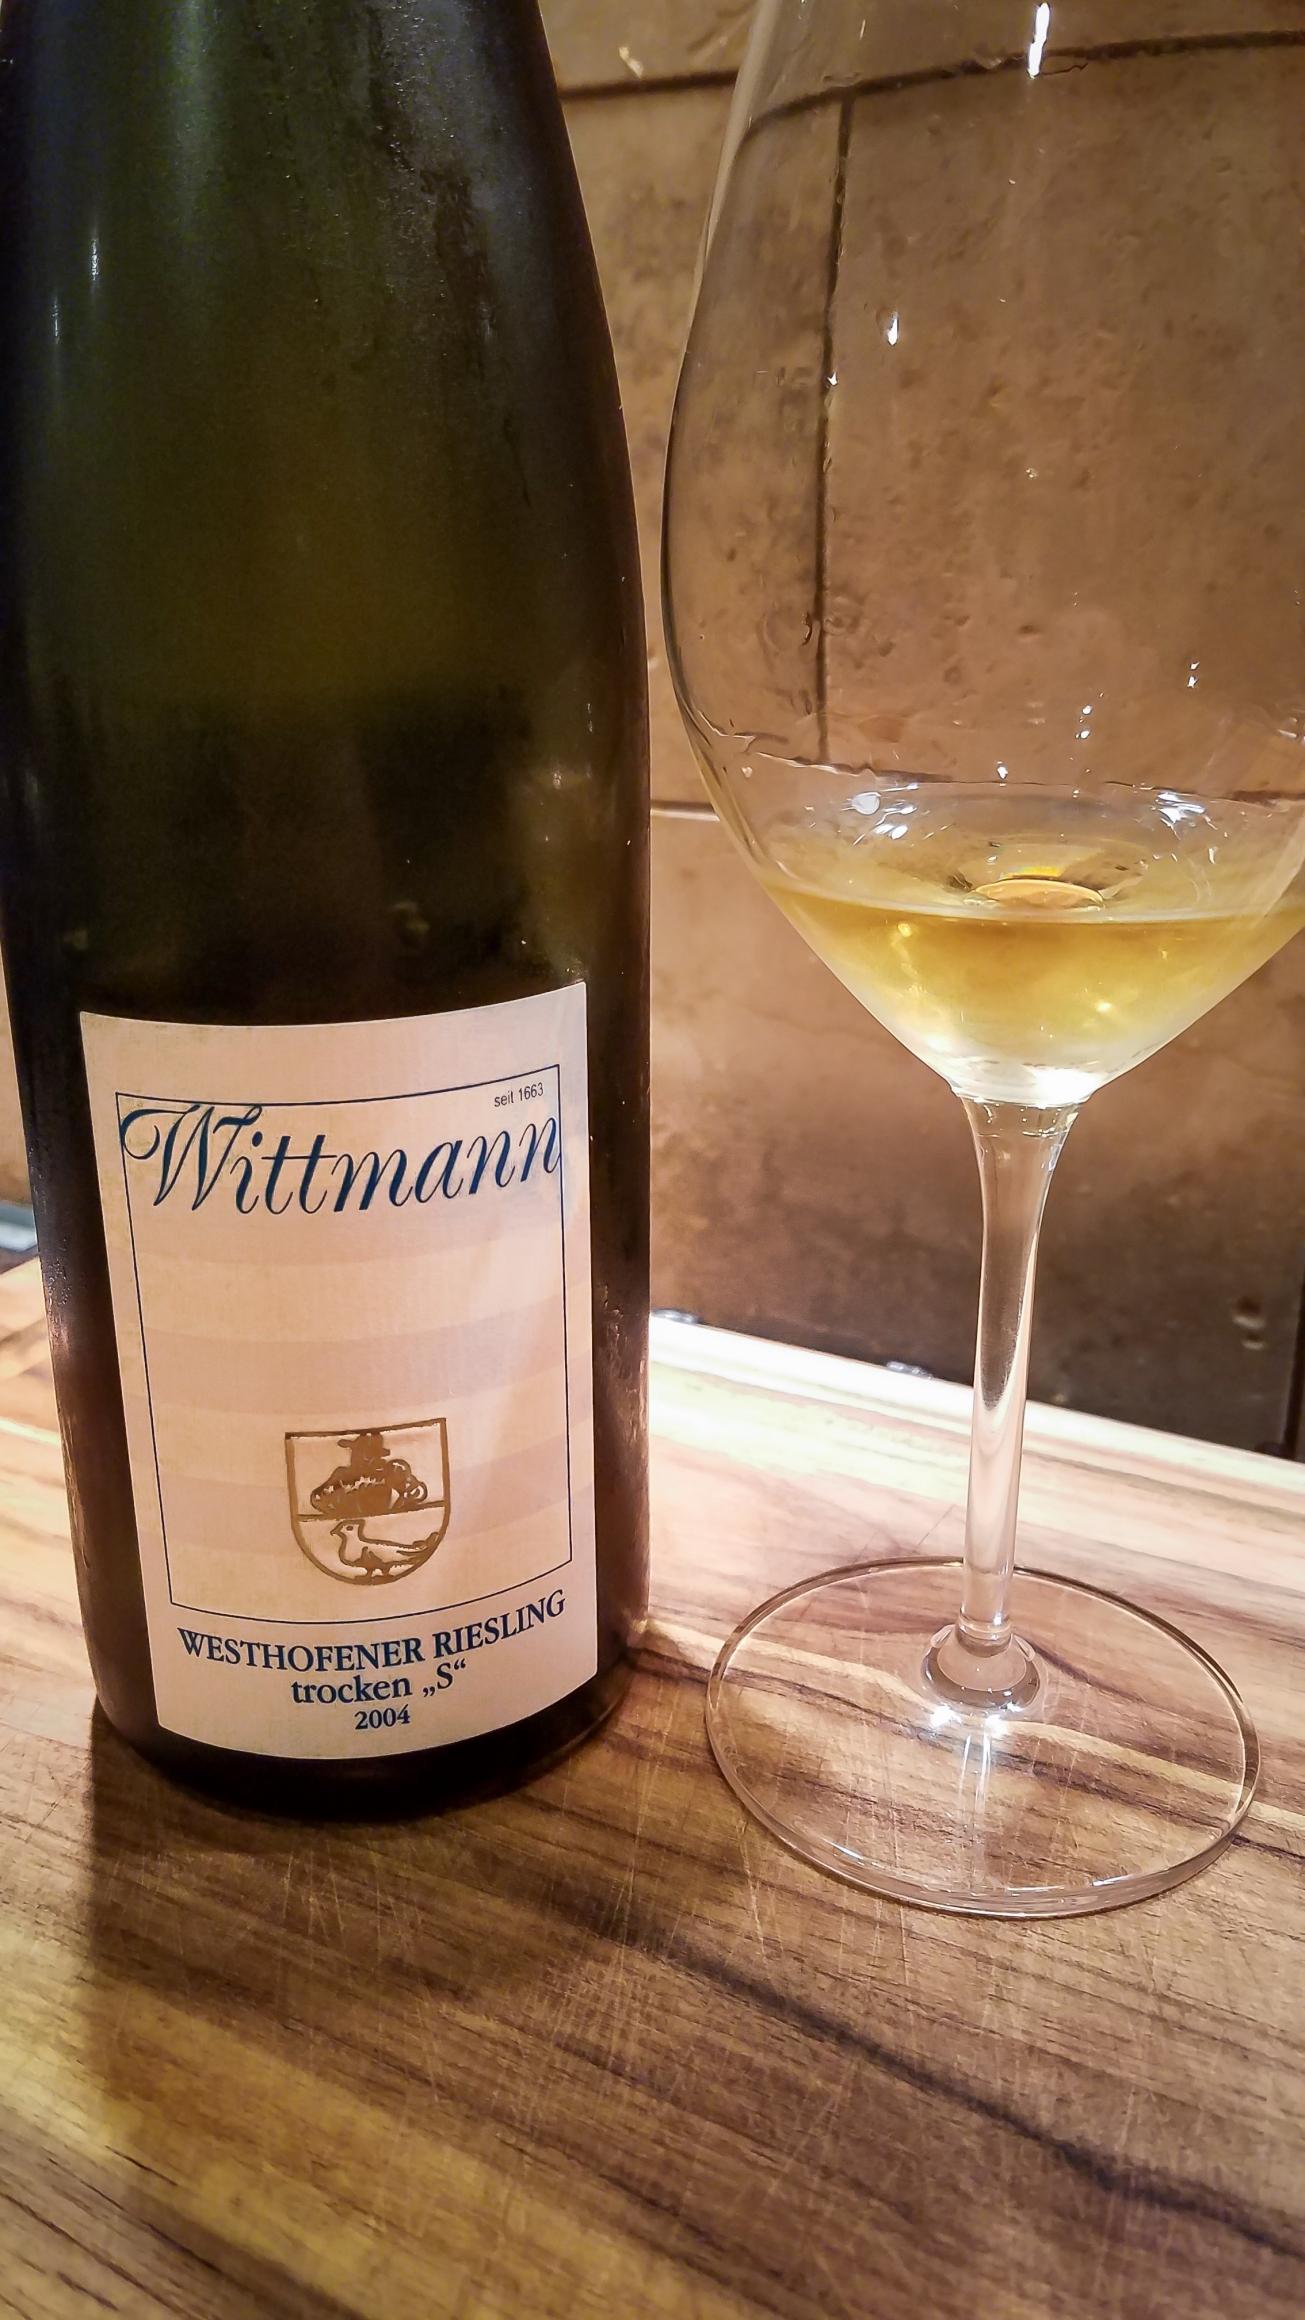 2004 Wittmann Westhofener Riesling Trocken 'S'